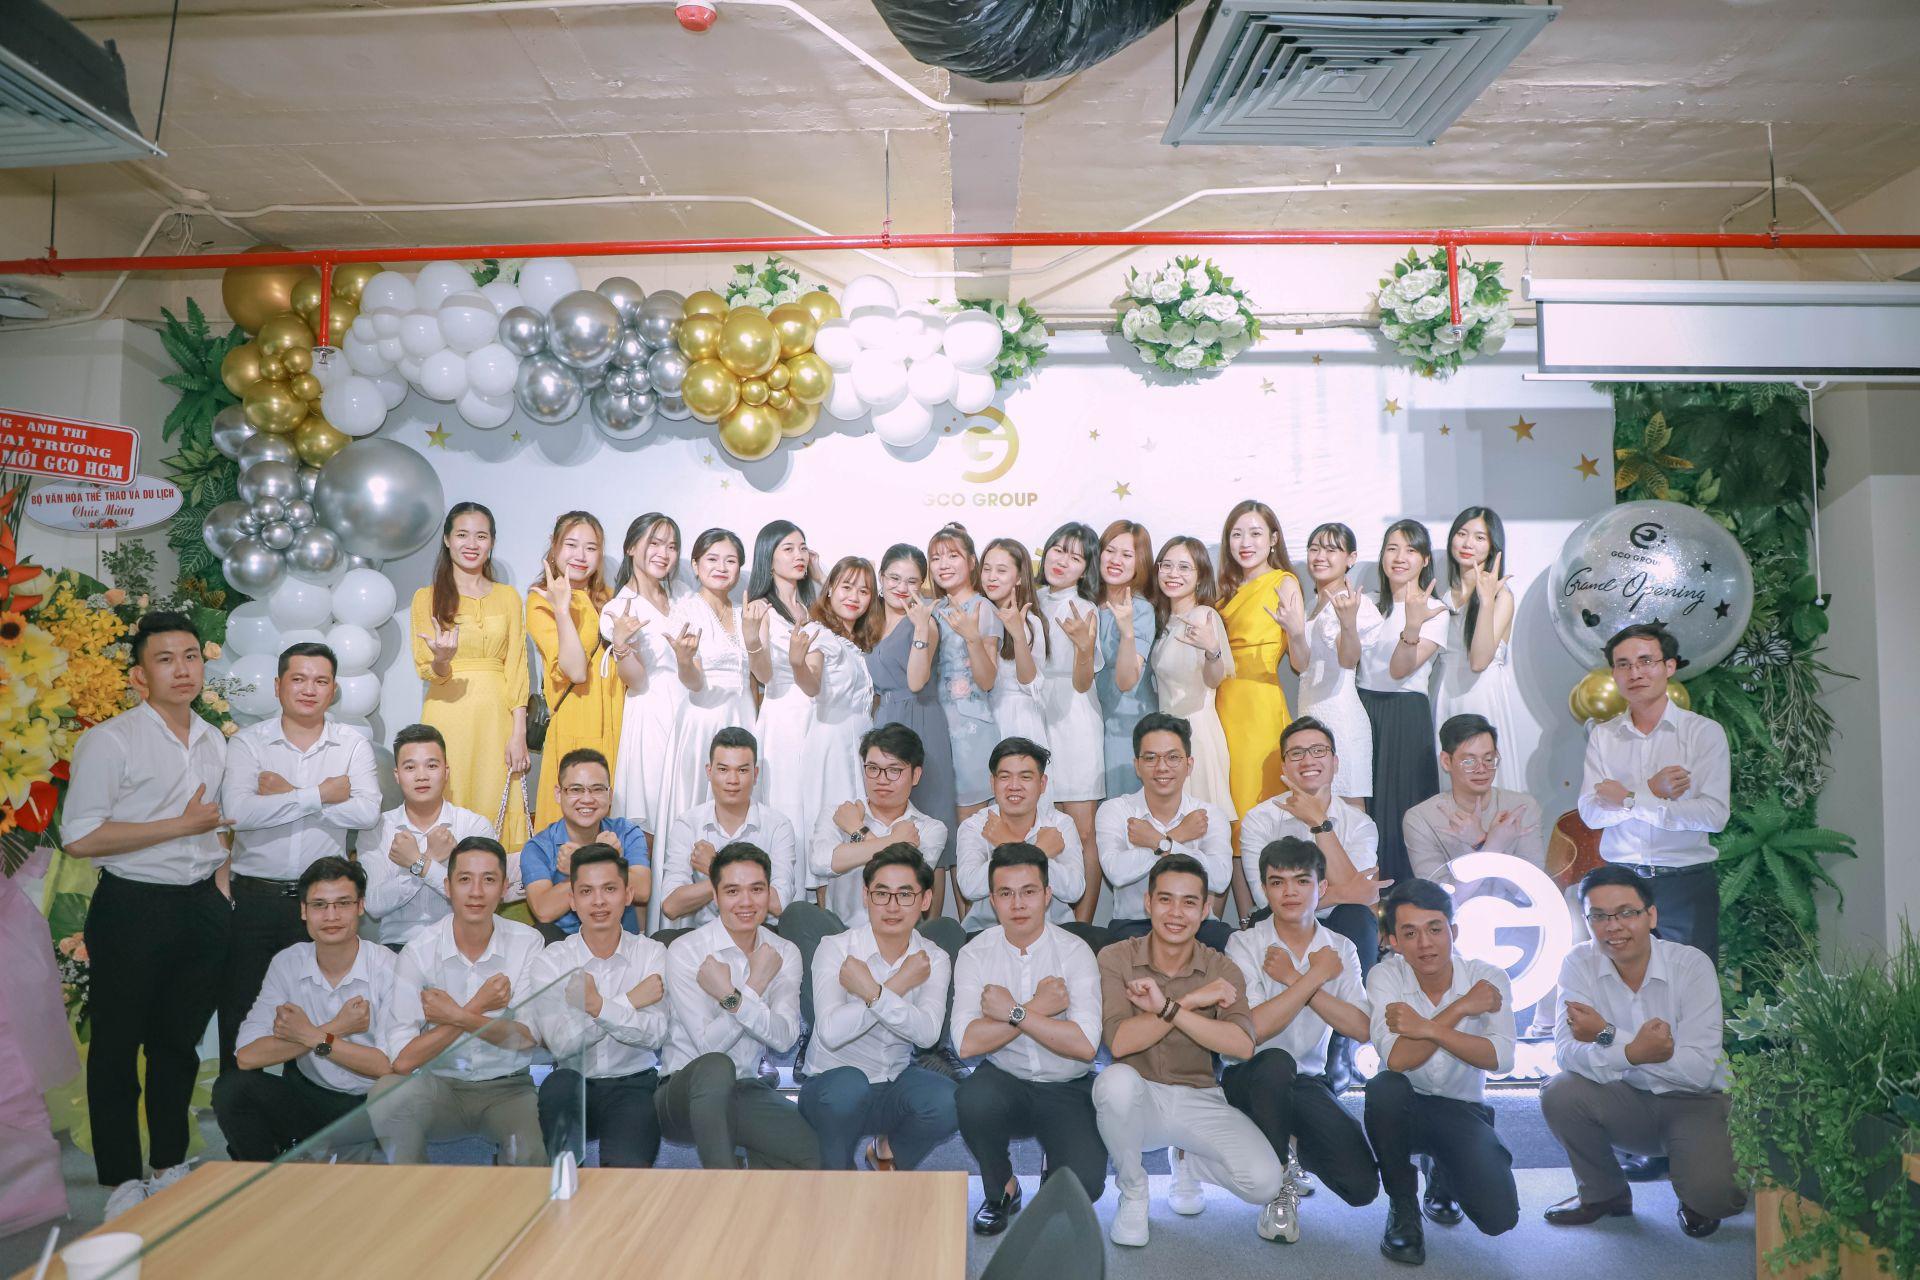 GCO Hồ Chí Minh – Tưng bừng khai trương văn phòng mới!